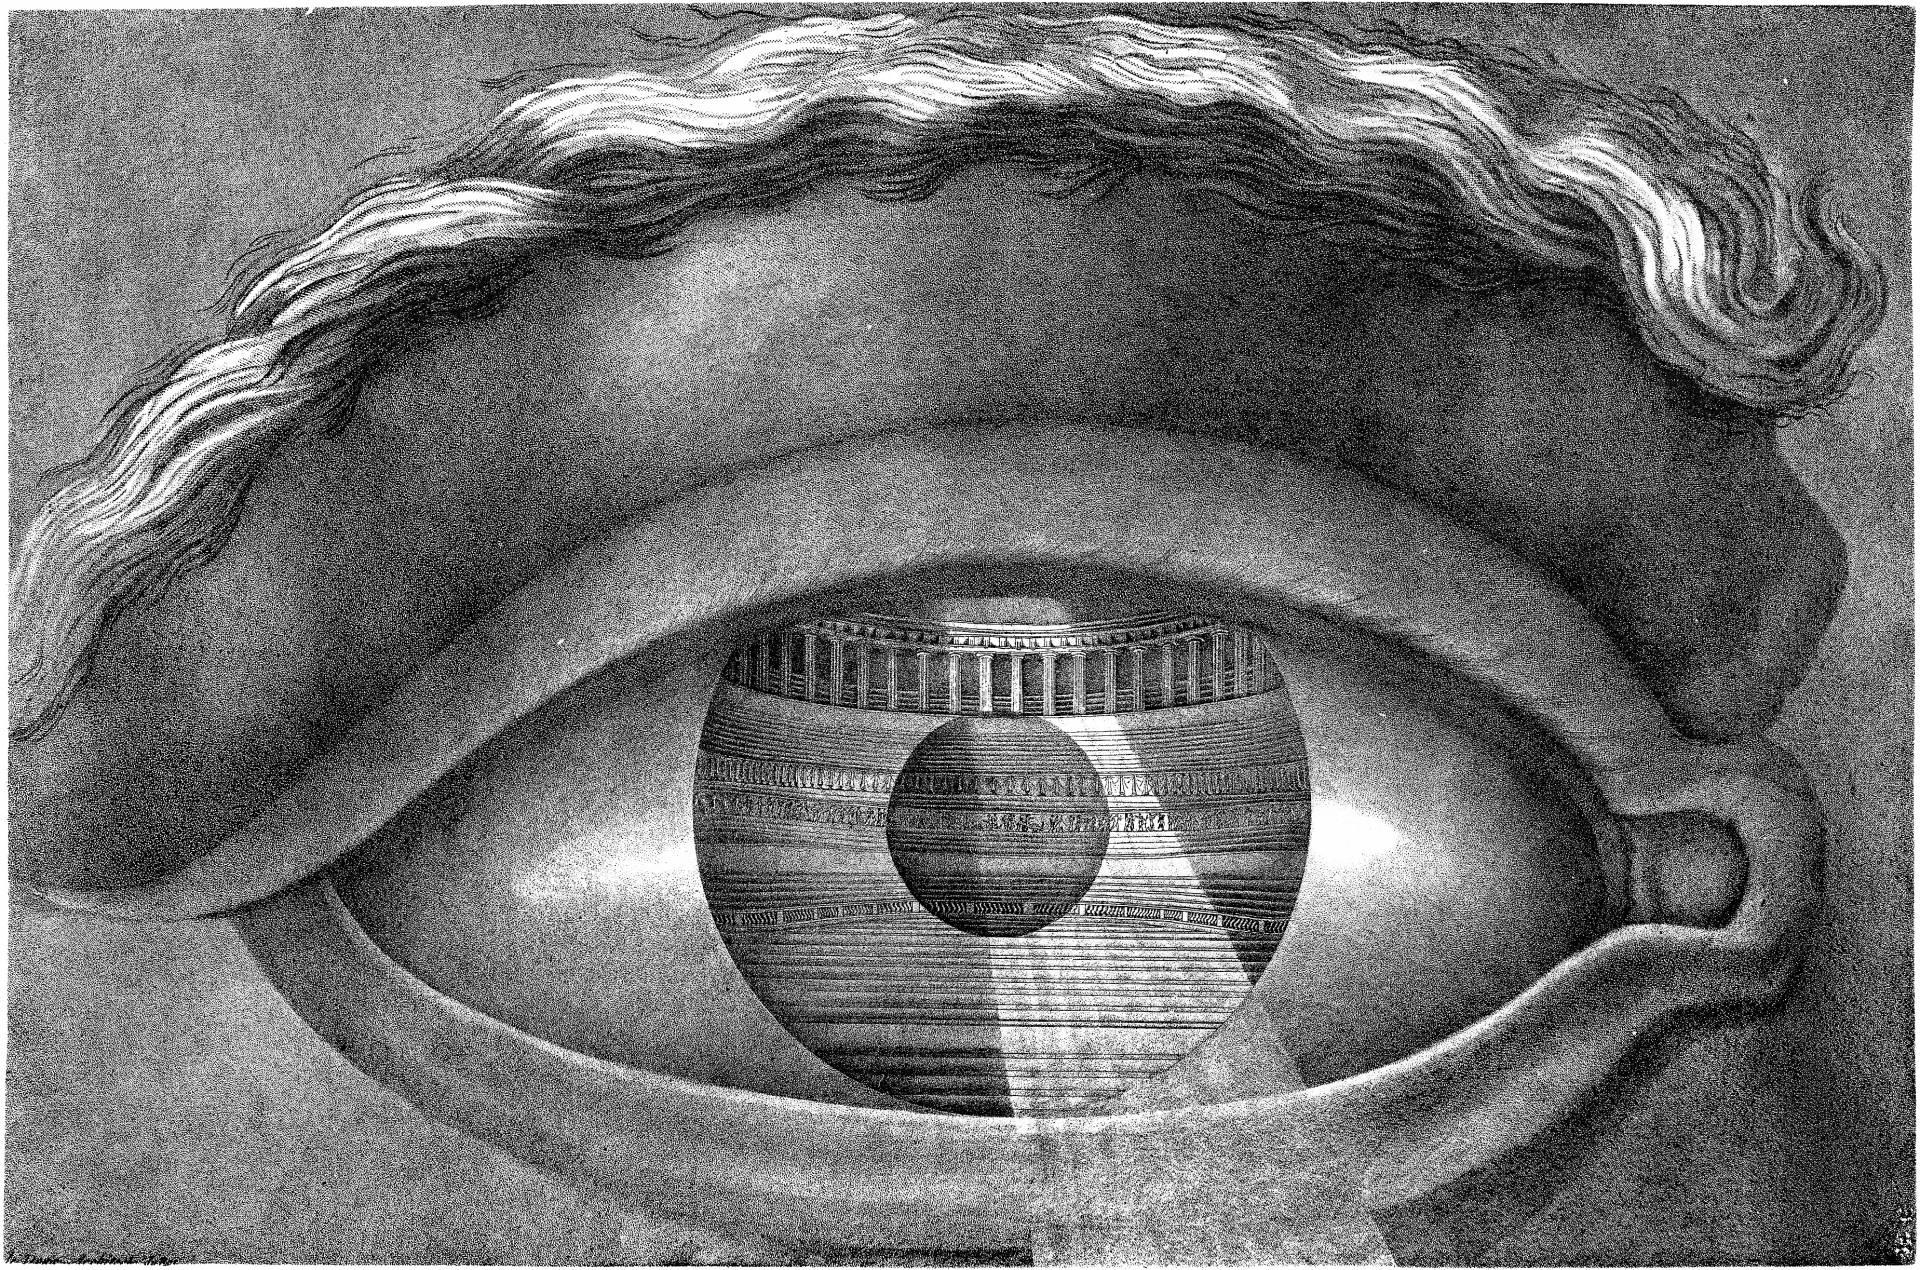 Ojo reflejando el interior del Teatro de Besançon, de Claude Nicolas Ledoux (1784).